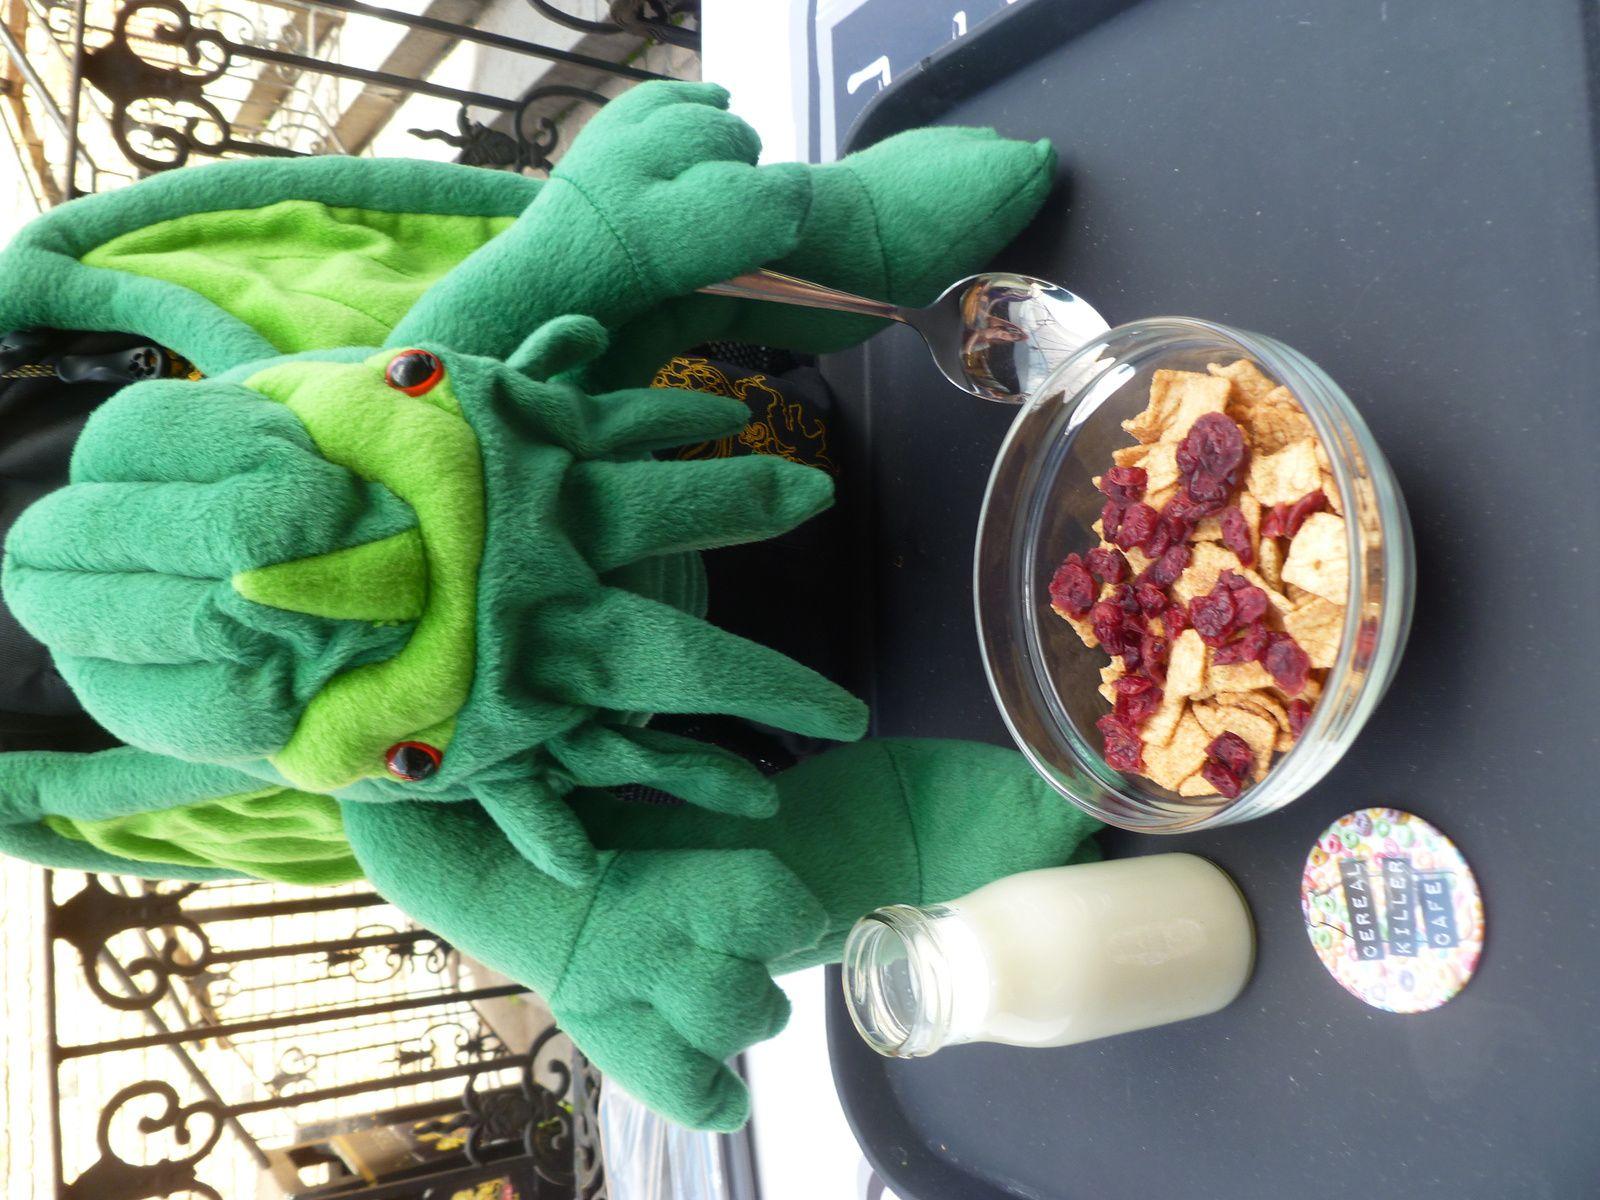 Cthulhu et son bol de céréales à la cannelle et aux cranberries...